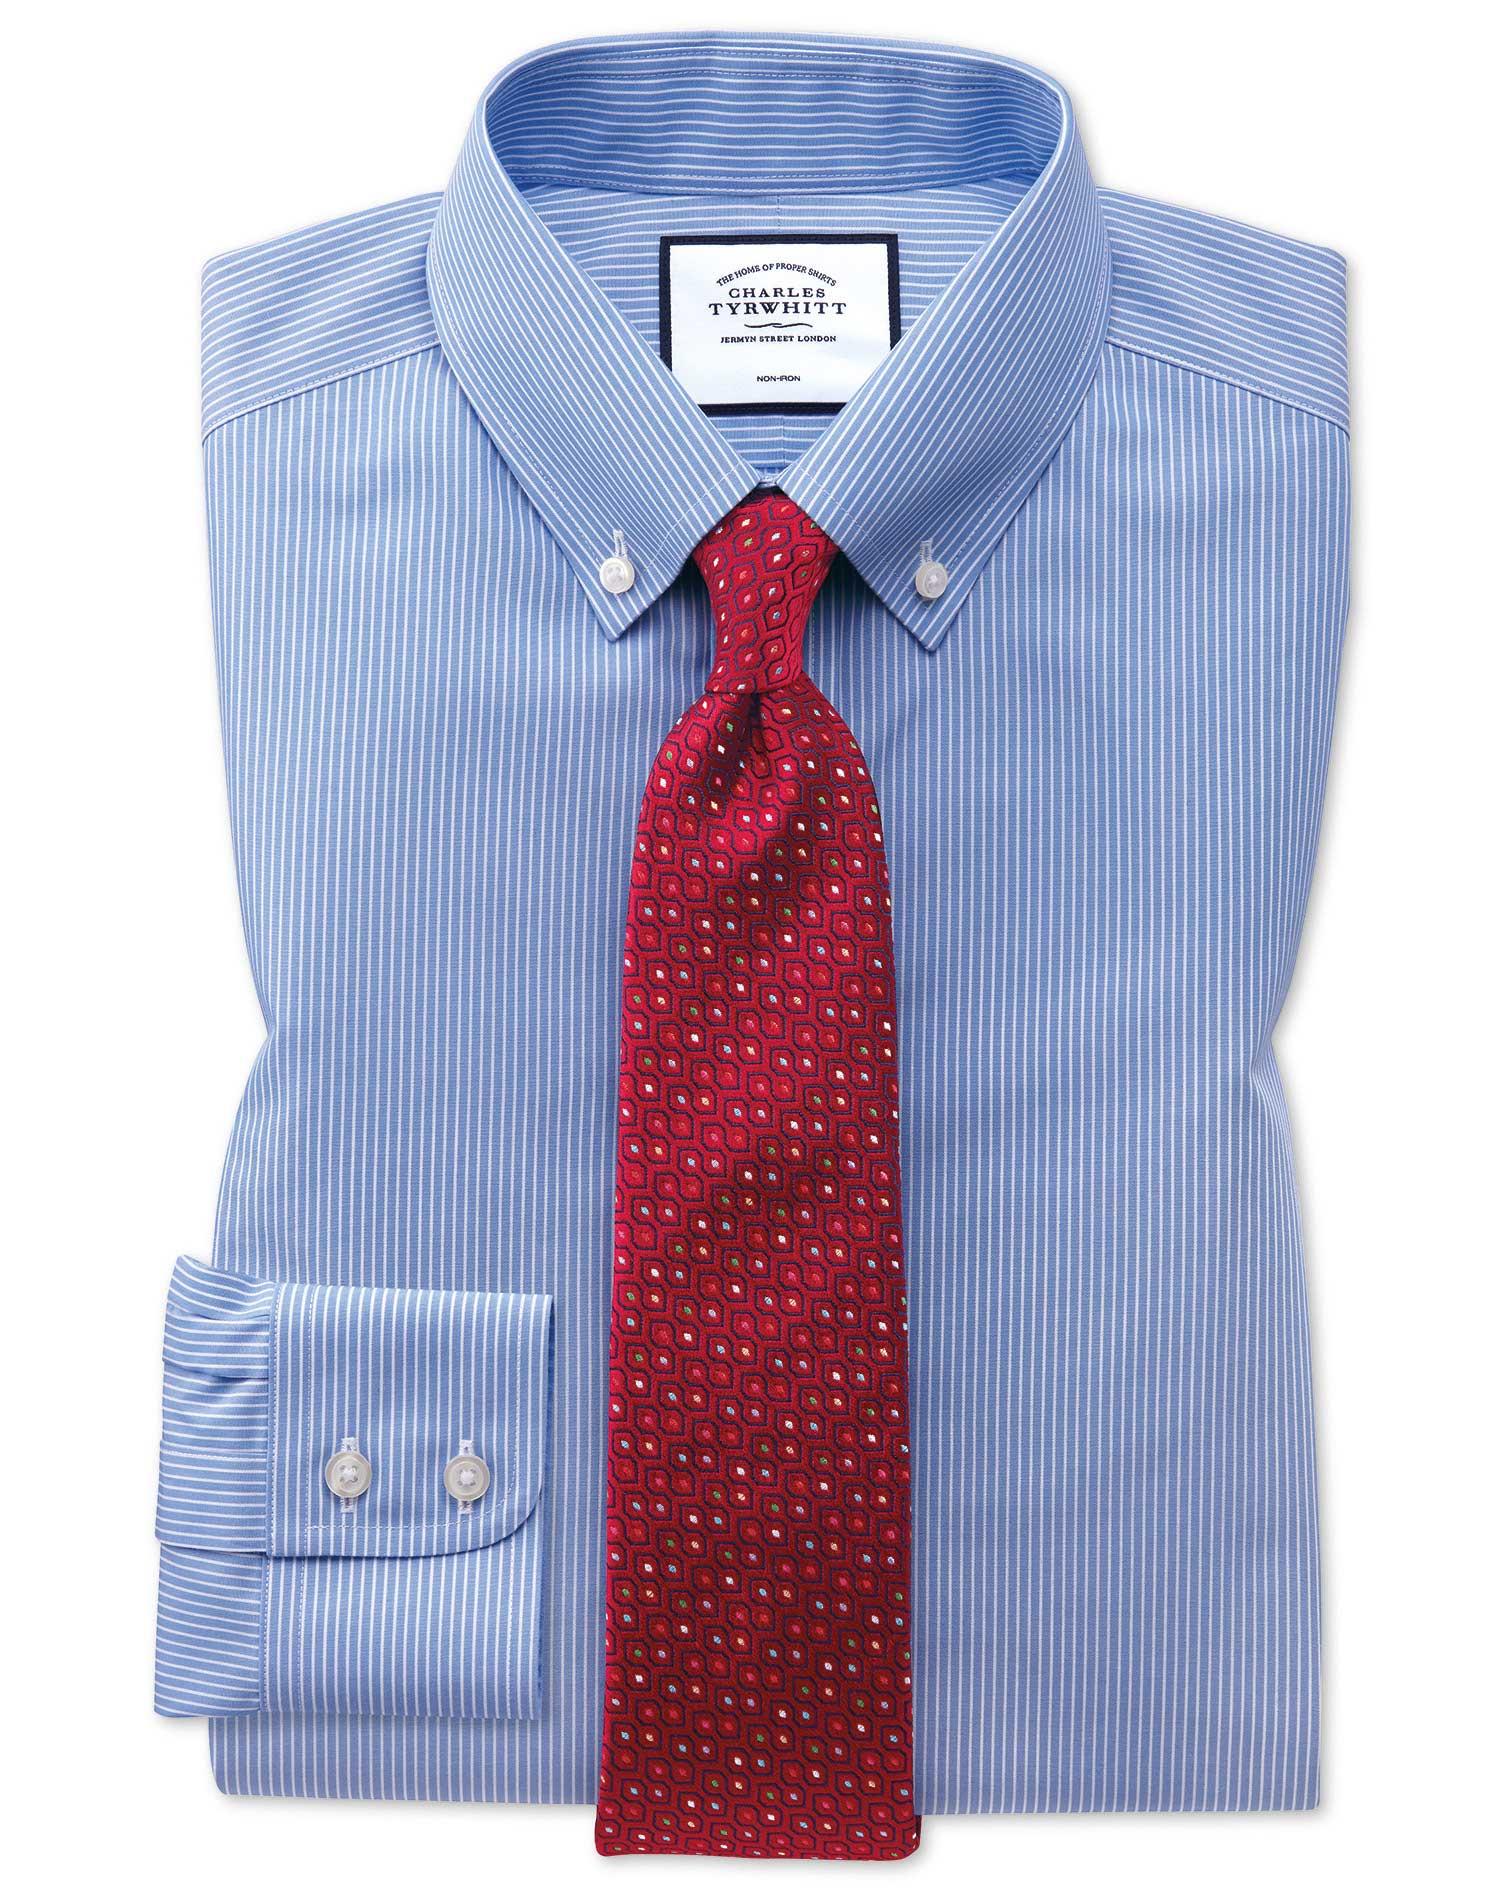 Bügelfreies Slim Fit Button-down-Hemd mit Streifenmuster in Blau und Weiß Knopfmanschette